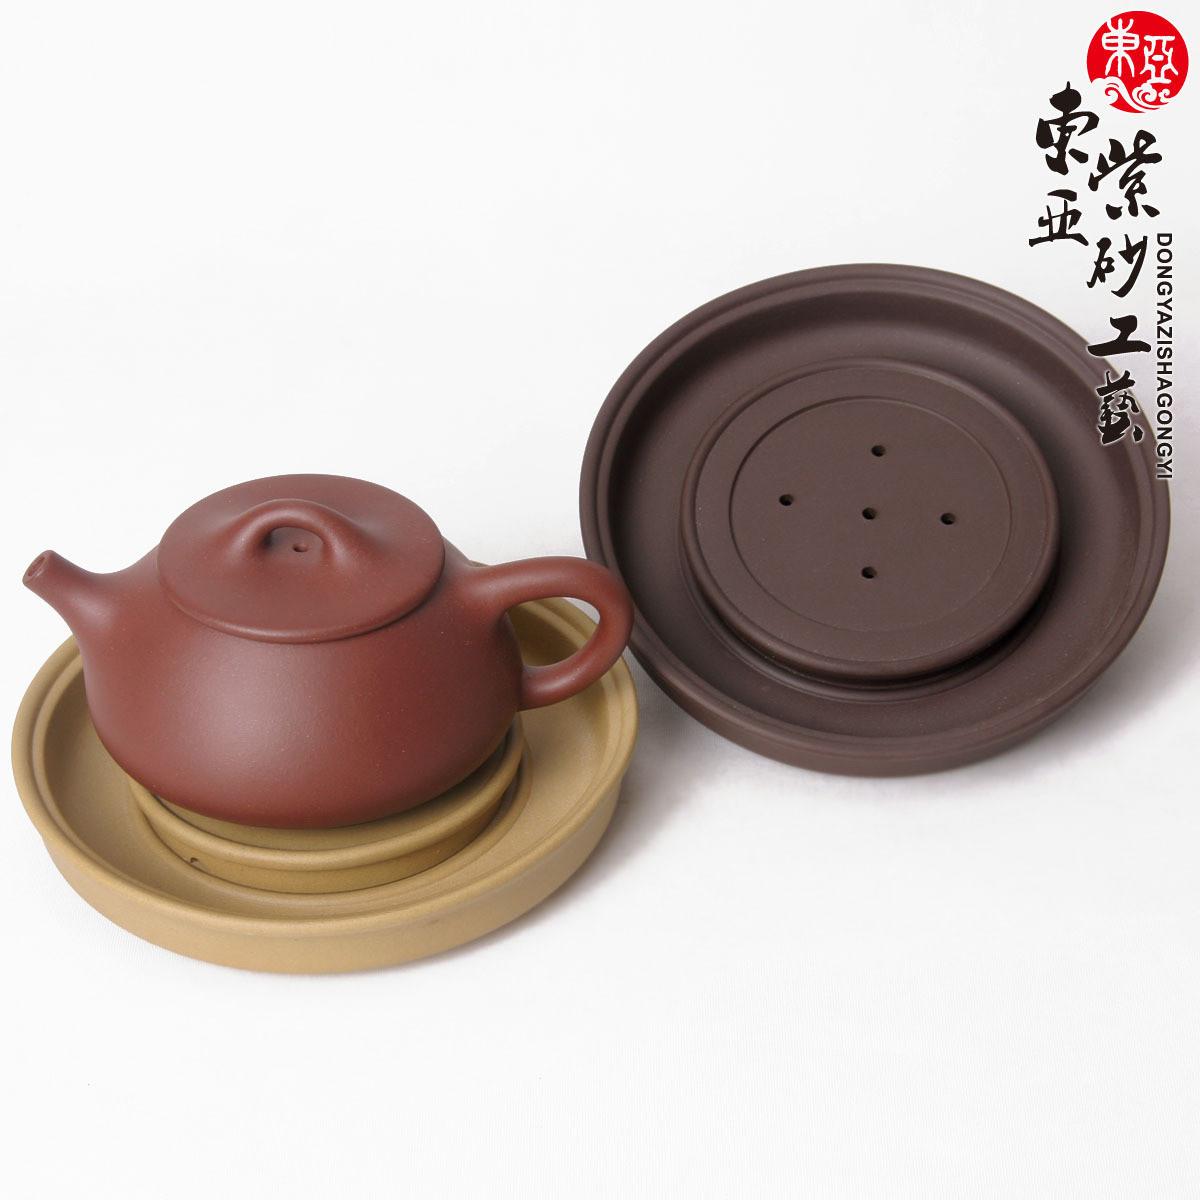 东亚宜兴紫砂茶具jgj3